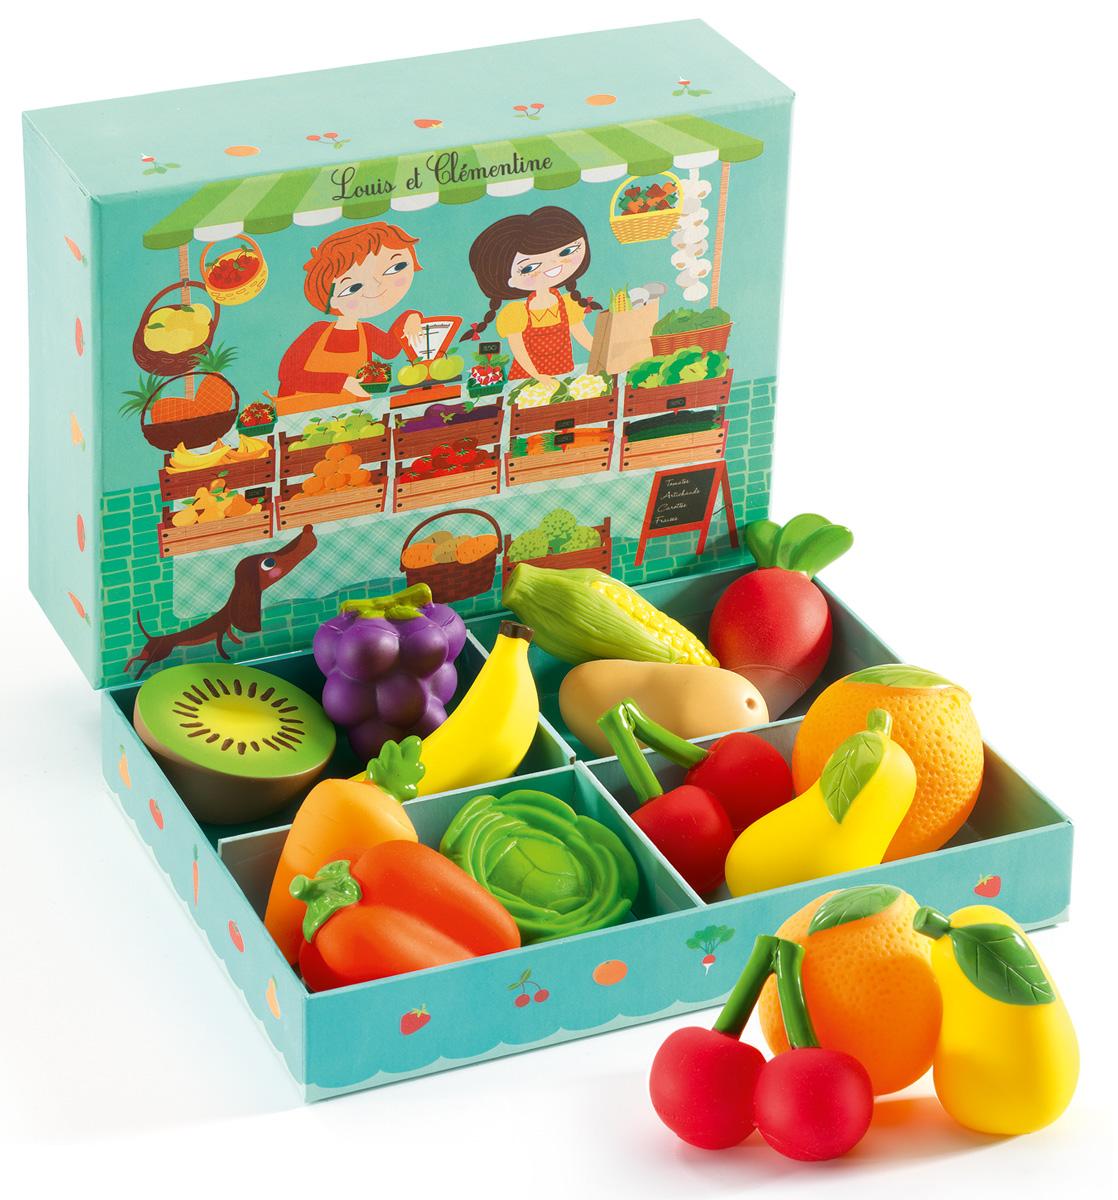 Djeco Сюжетно-ролевая игра Луис и Клементина06621Добро пожаловать в овощную лавку «Луис и Клементина»! Здесь ребенок найдет много разнообразных резиновых овощей и фруктов – морковку, капусту, апельсин, кукурузу, виноград и прочее. Сюжетно-ролевая игра Овощная лавка позволяет детям придумывать множество интересных игр – в магазин, в ресторан и многое другое. В комплекте: 12 резиновых фруктов и овощей.